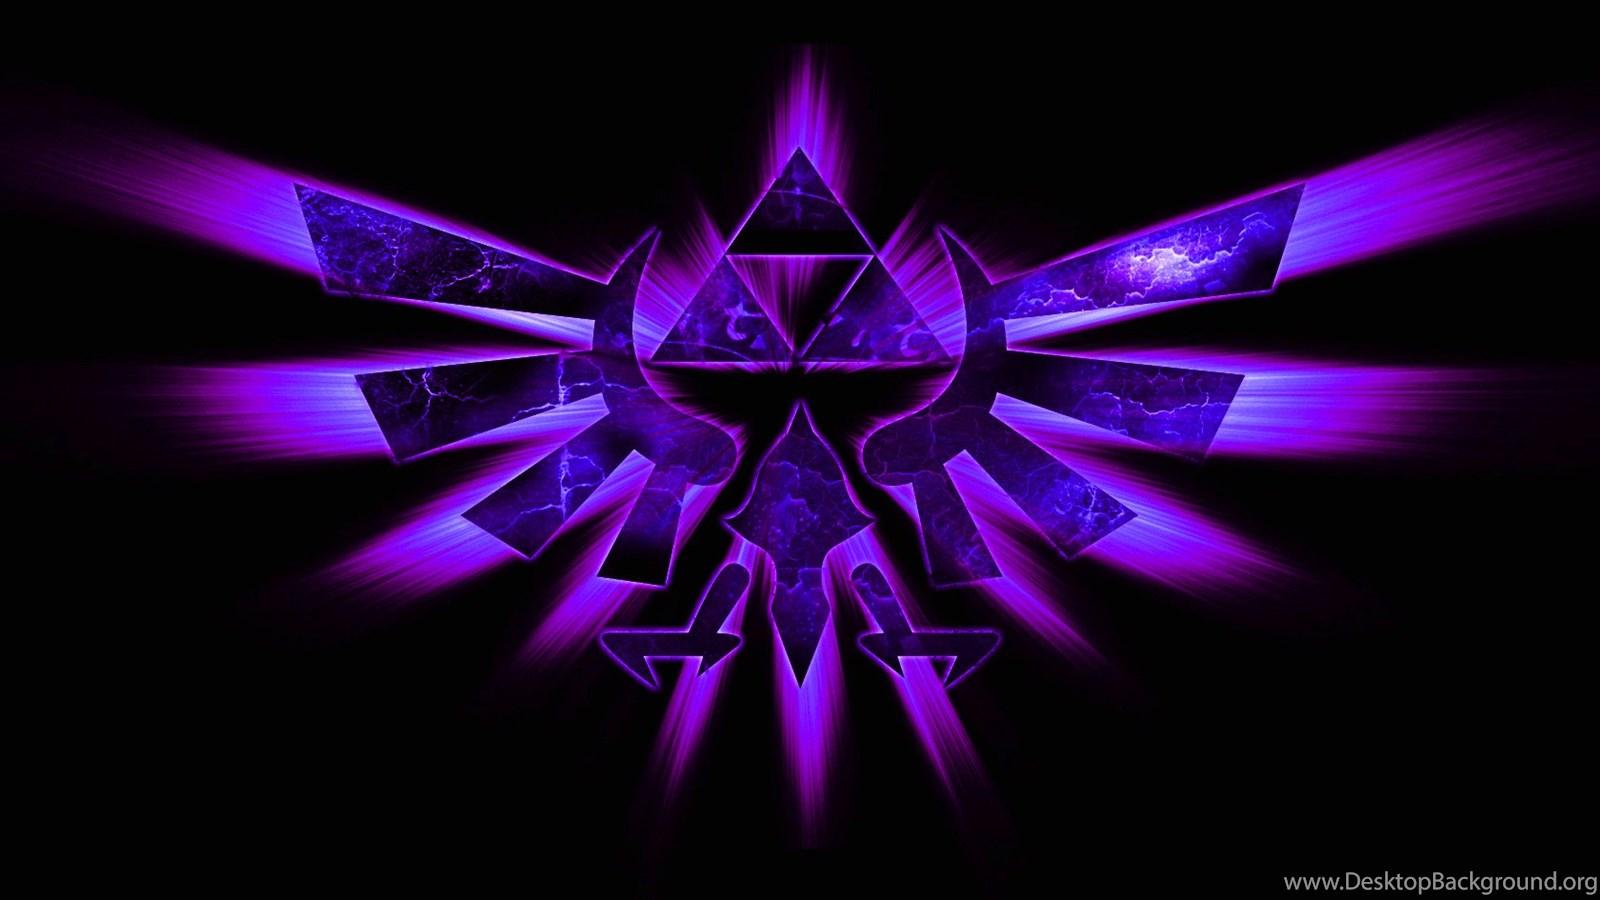 Hyrule The Legend Of Zelda Hyrule Crest Wallpapers Desktop Background